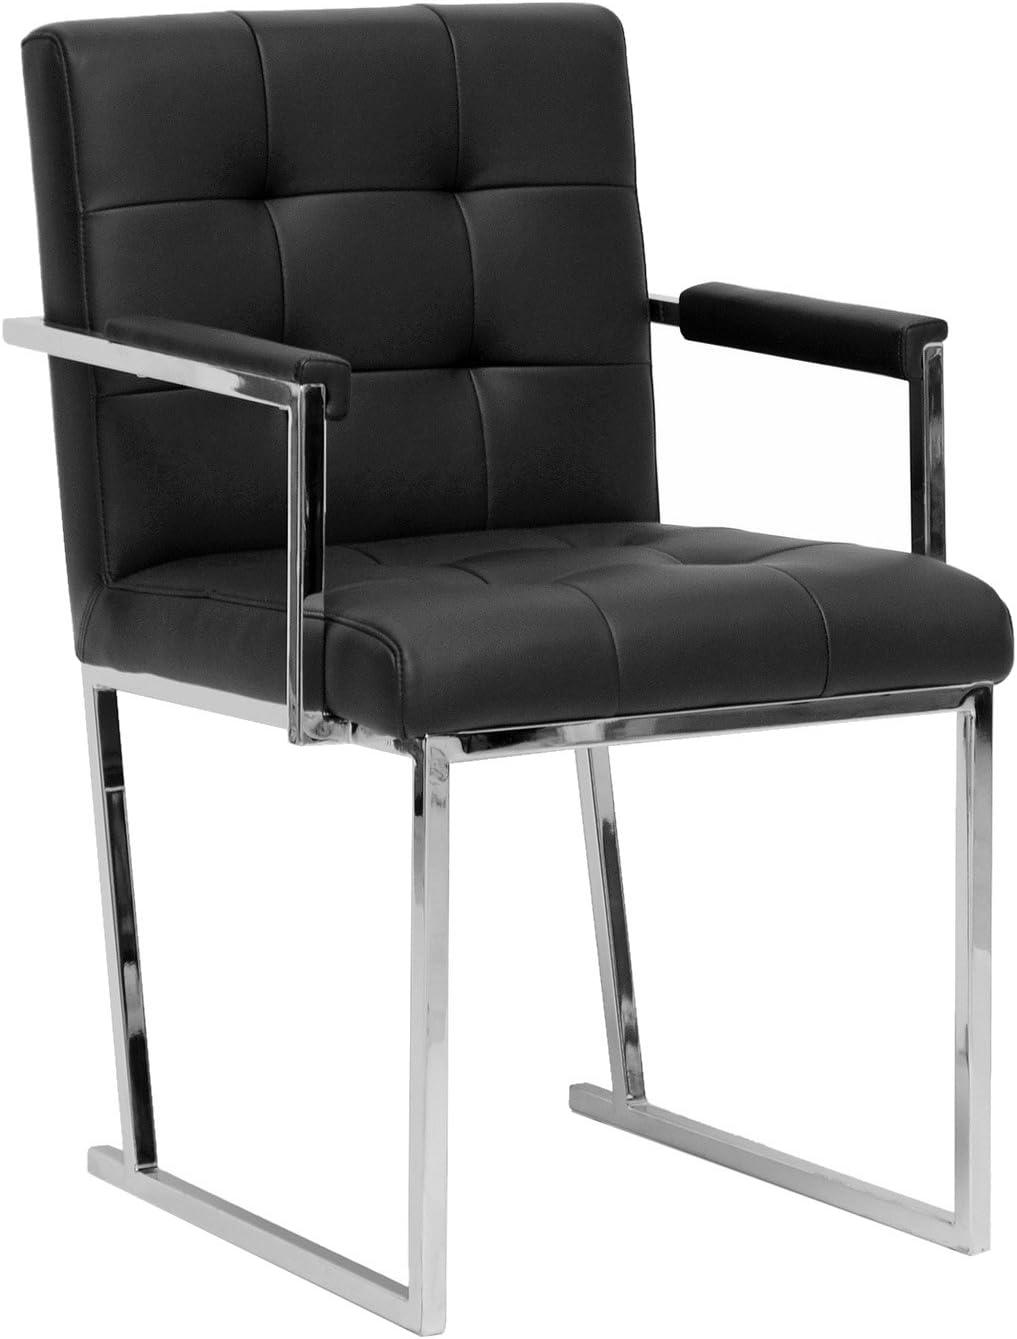 Baxton Studio Collins Mid-Century Modern Accent Chair